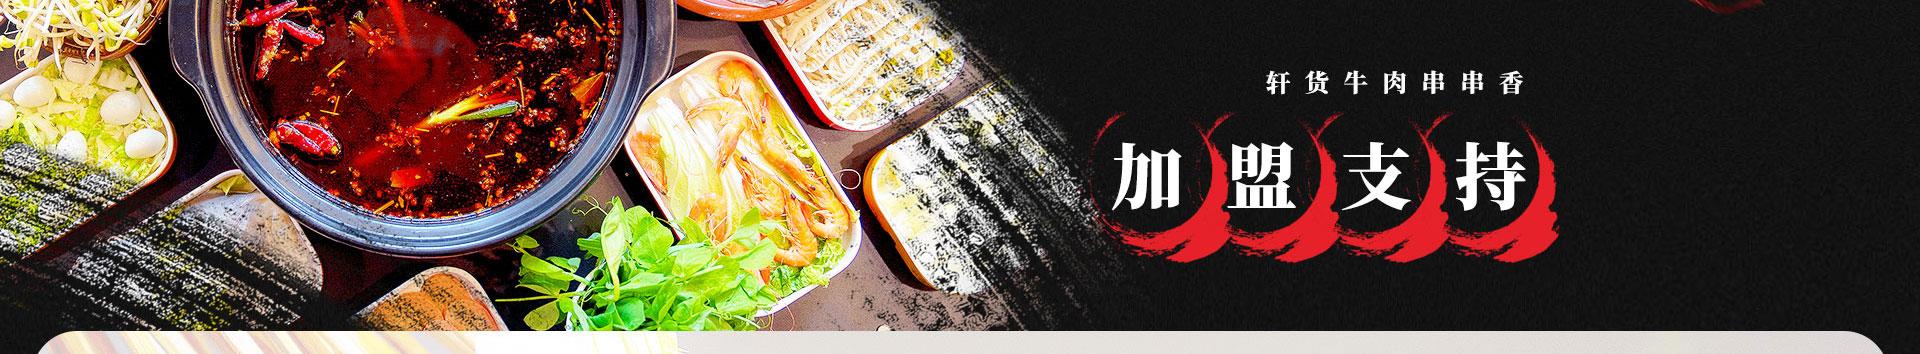 轩货牛肉串串香xhccx_17